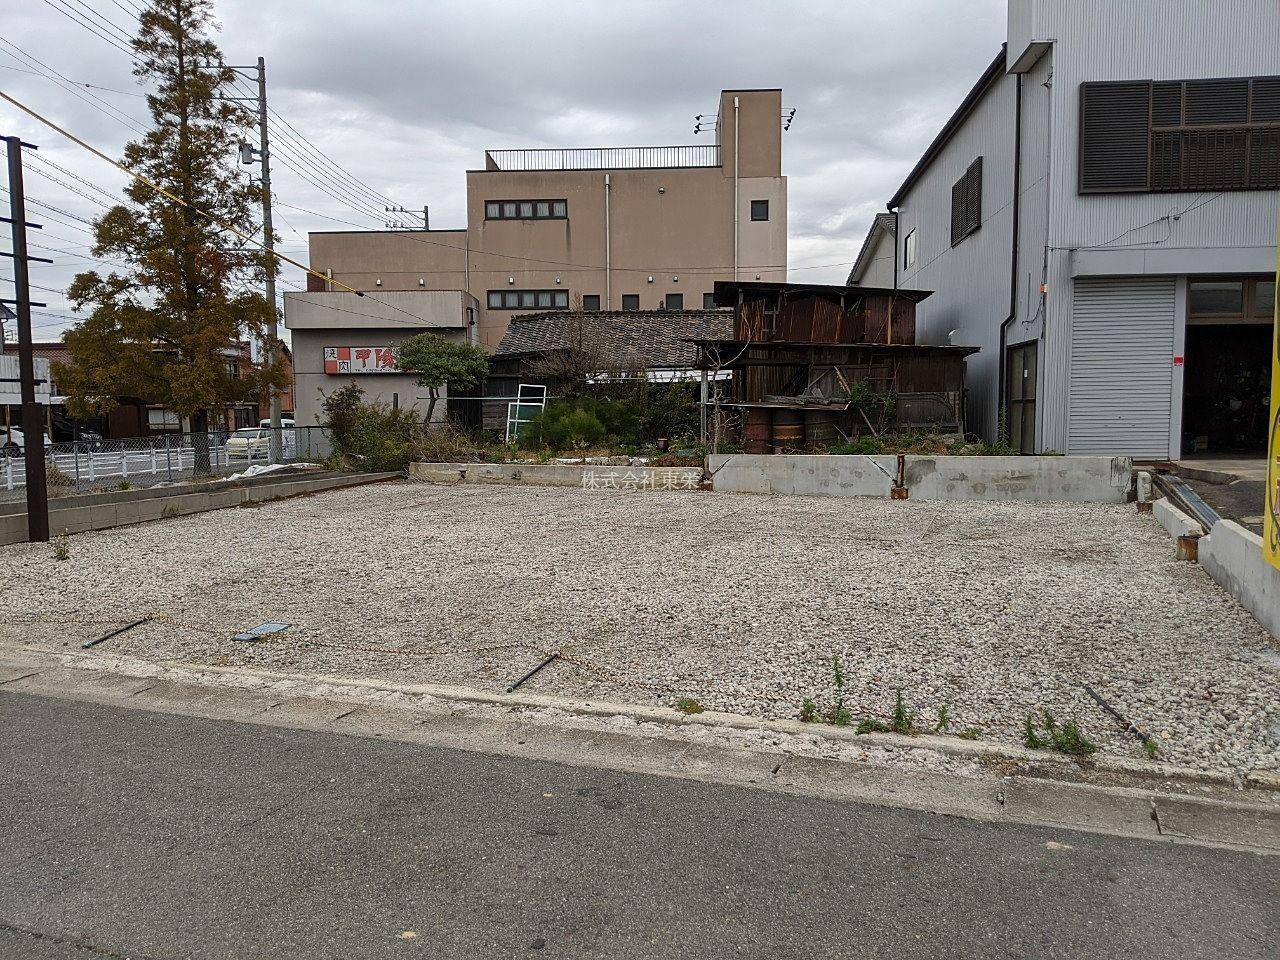 碧南市錦町の月極め駐車場です。